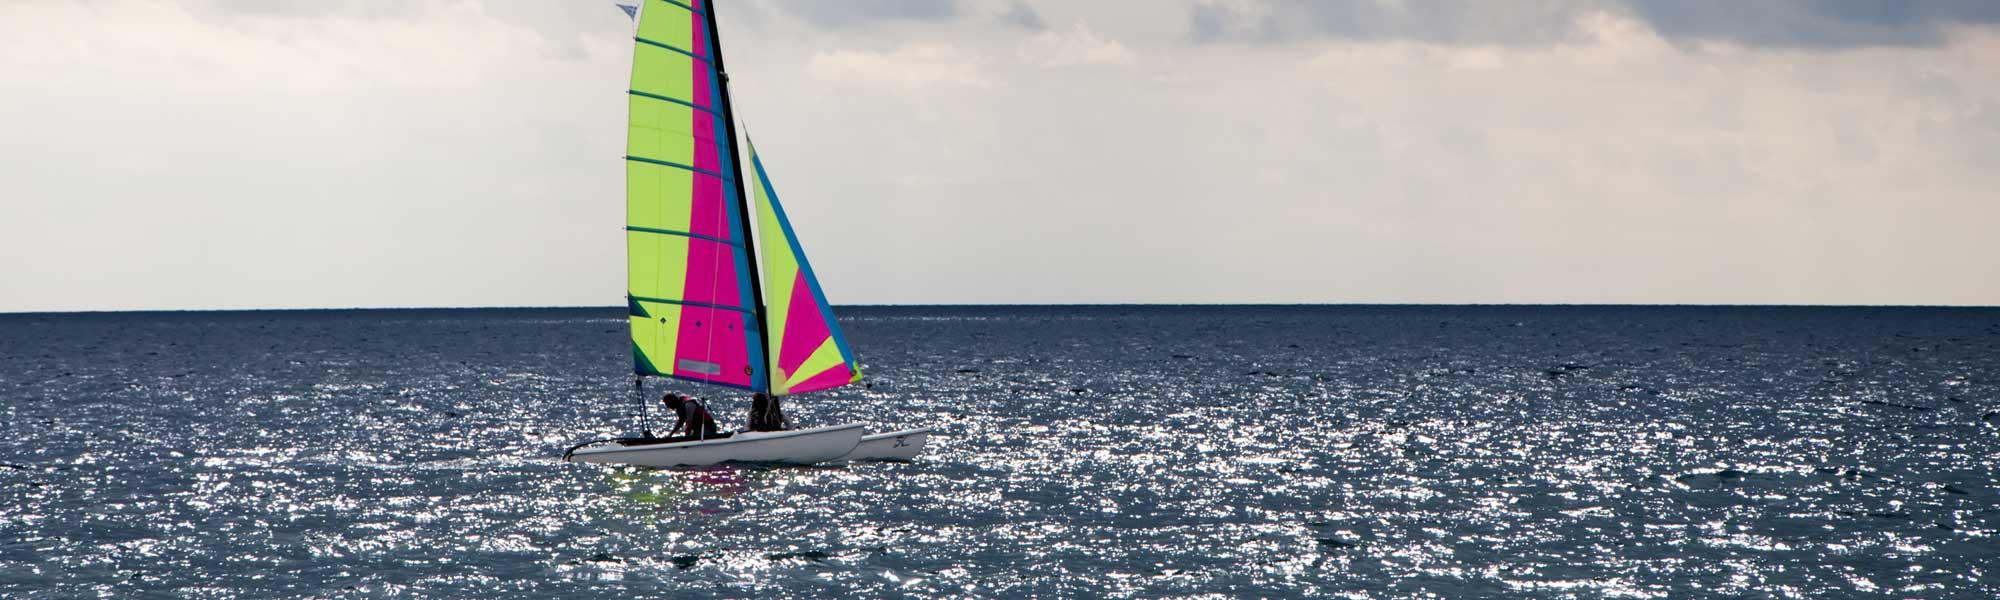 sail_116998756